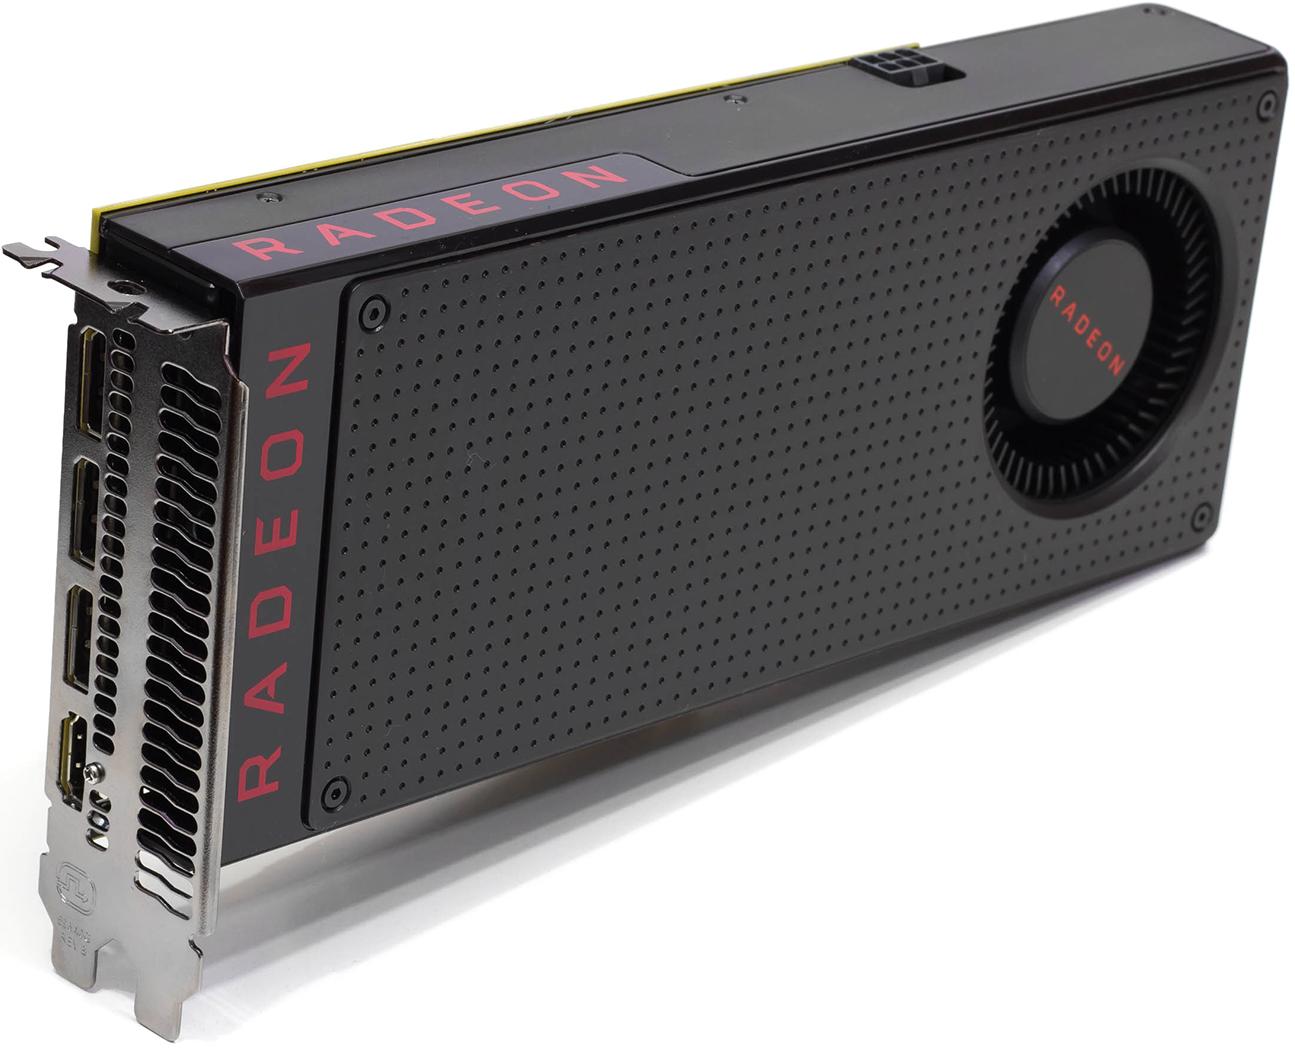 Comparativa: AMD Radeon RX 480 usando Driver fix Crimson